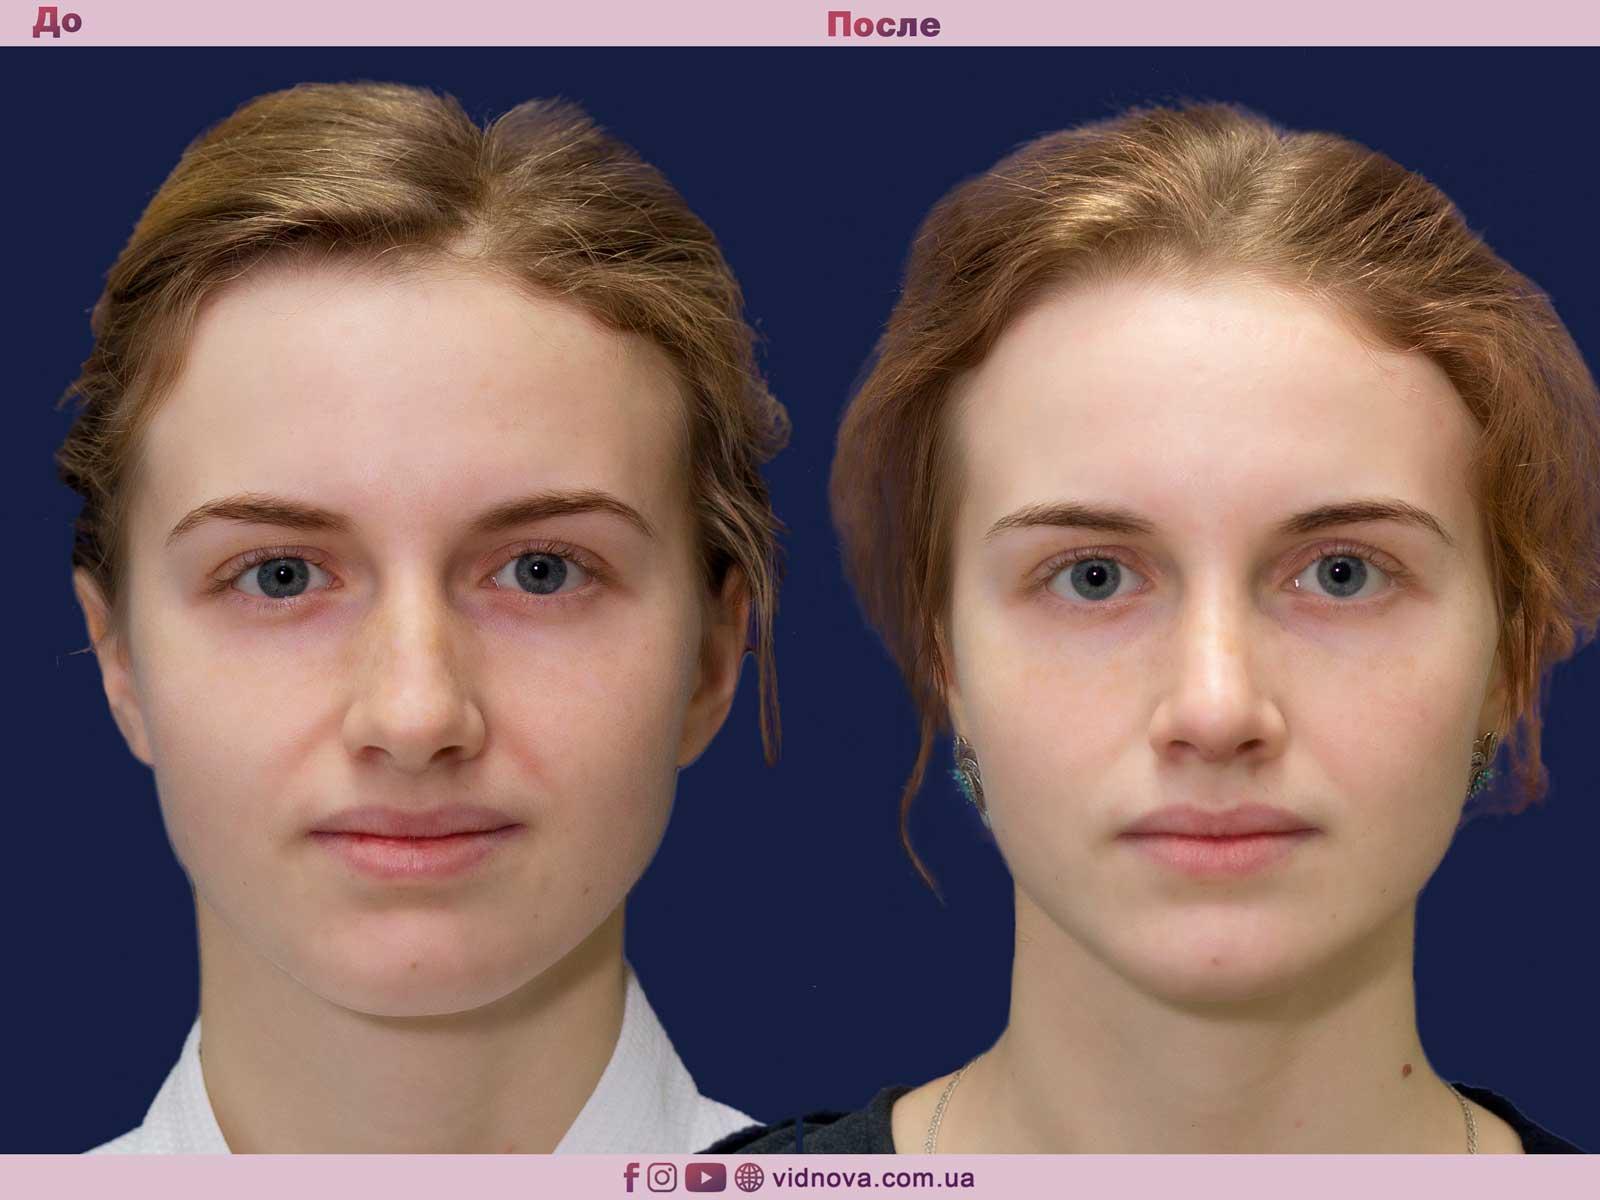 Ринопластика: Фото ДО и ПОСЛЕ - Пример №9-1 - Клиника Vidnova